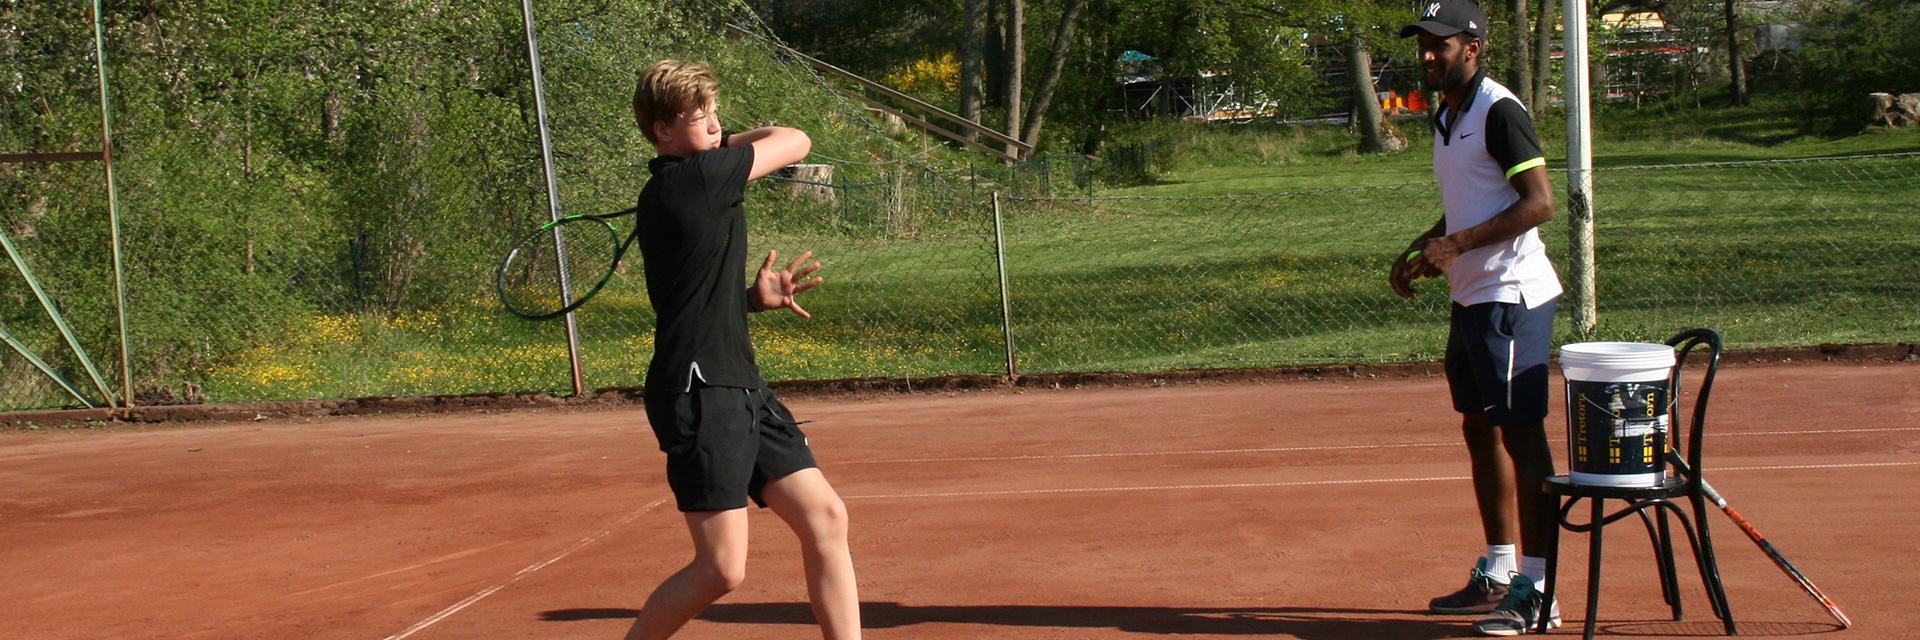 Rasmus-och-Jonathan-bildspelsanpassad-lag